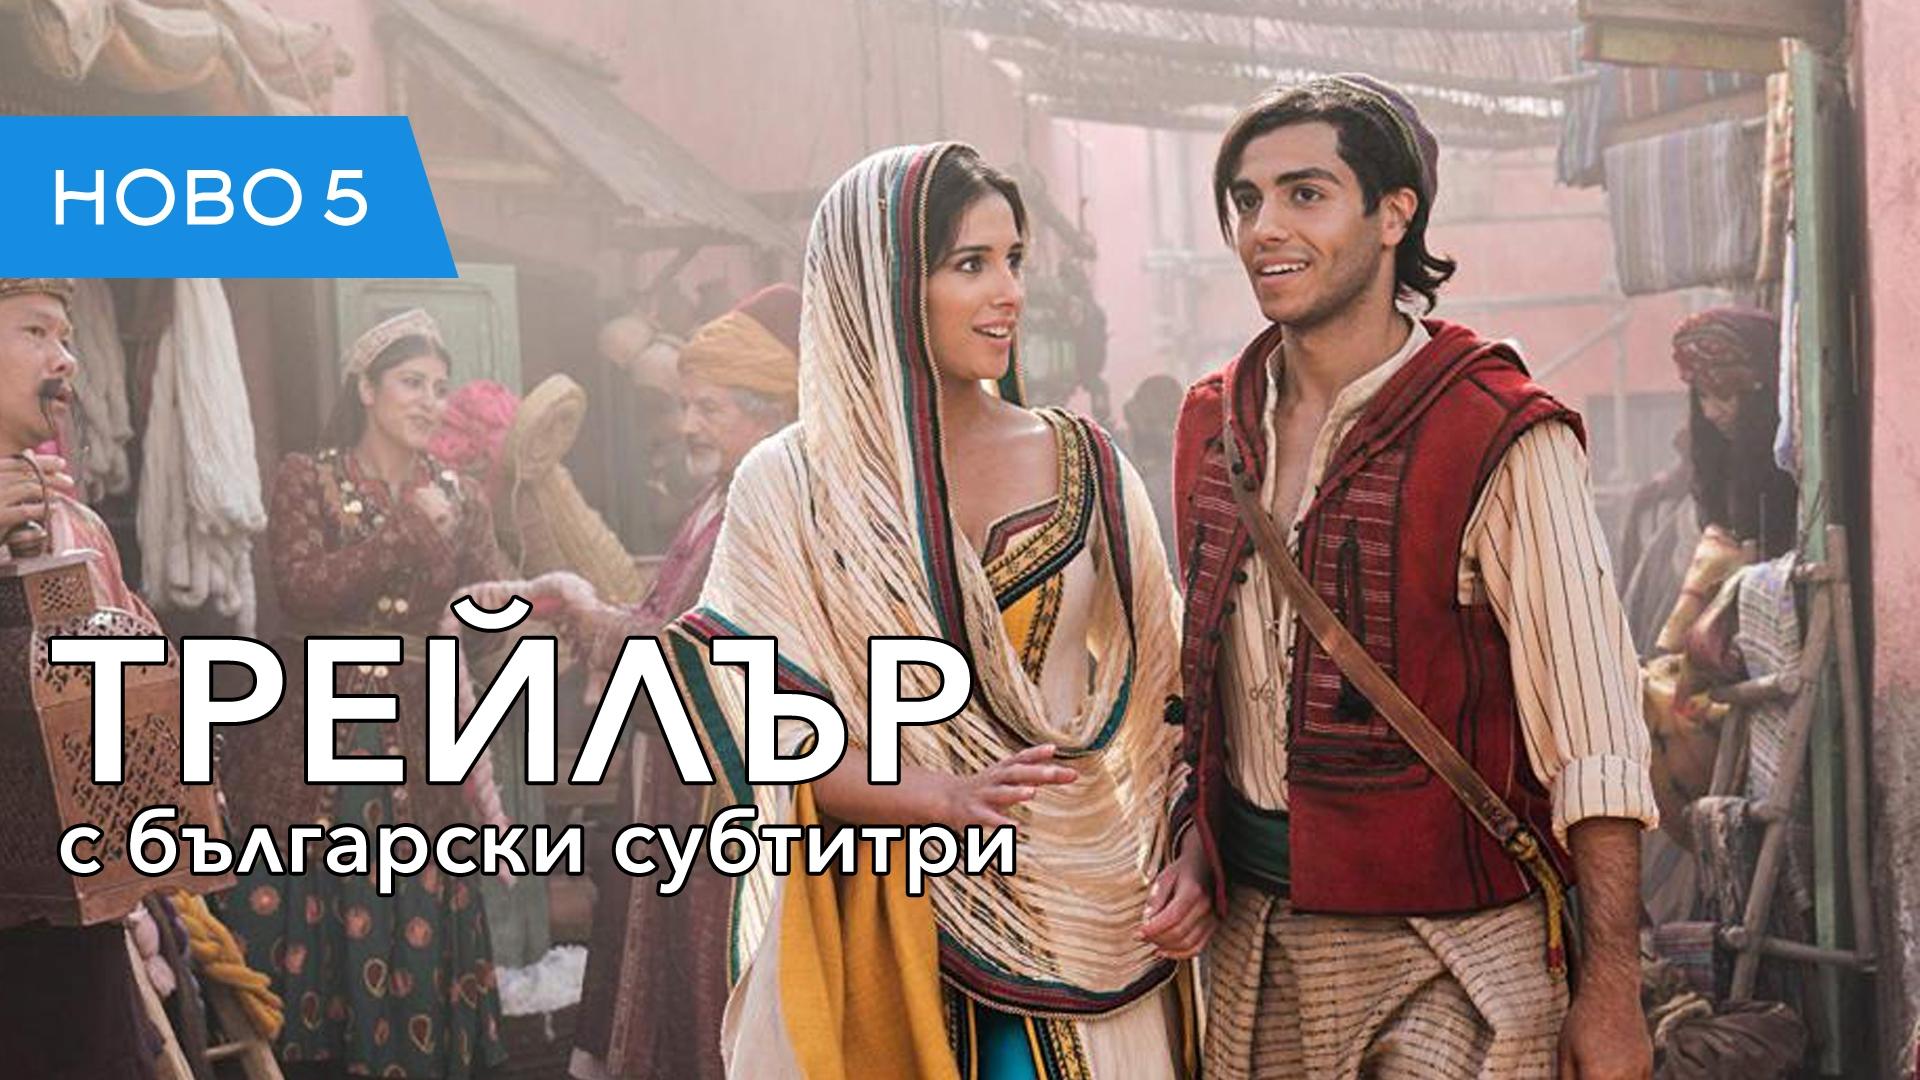 Аладин (2019) трейлър с български субтитри